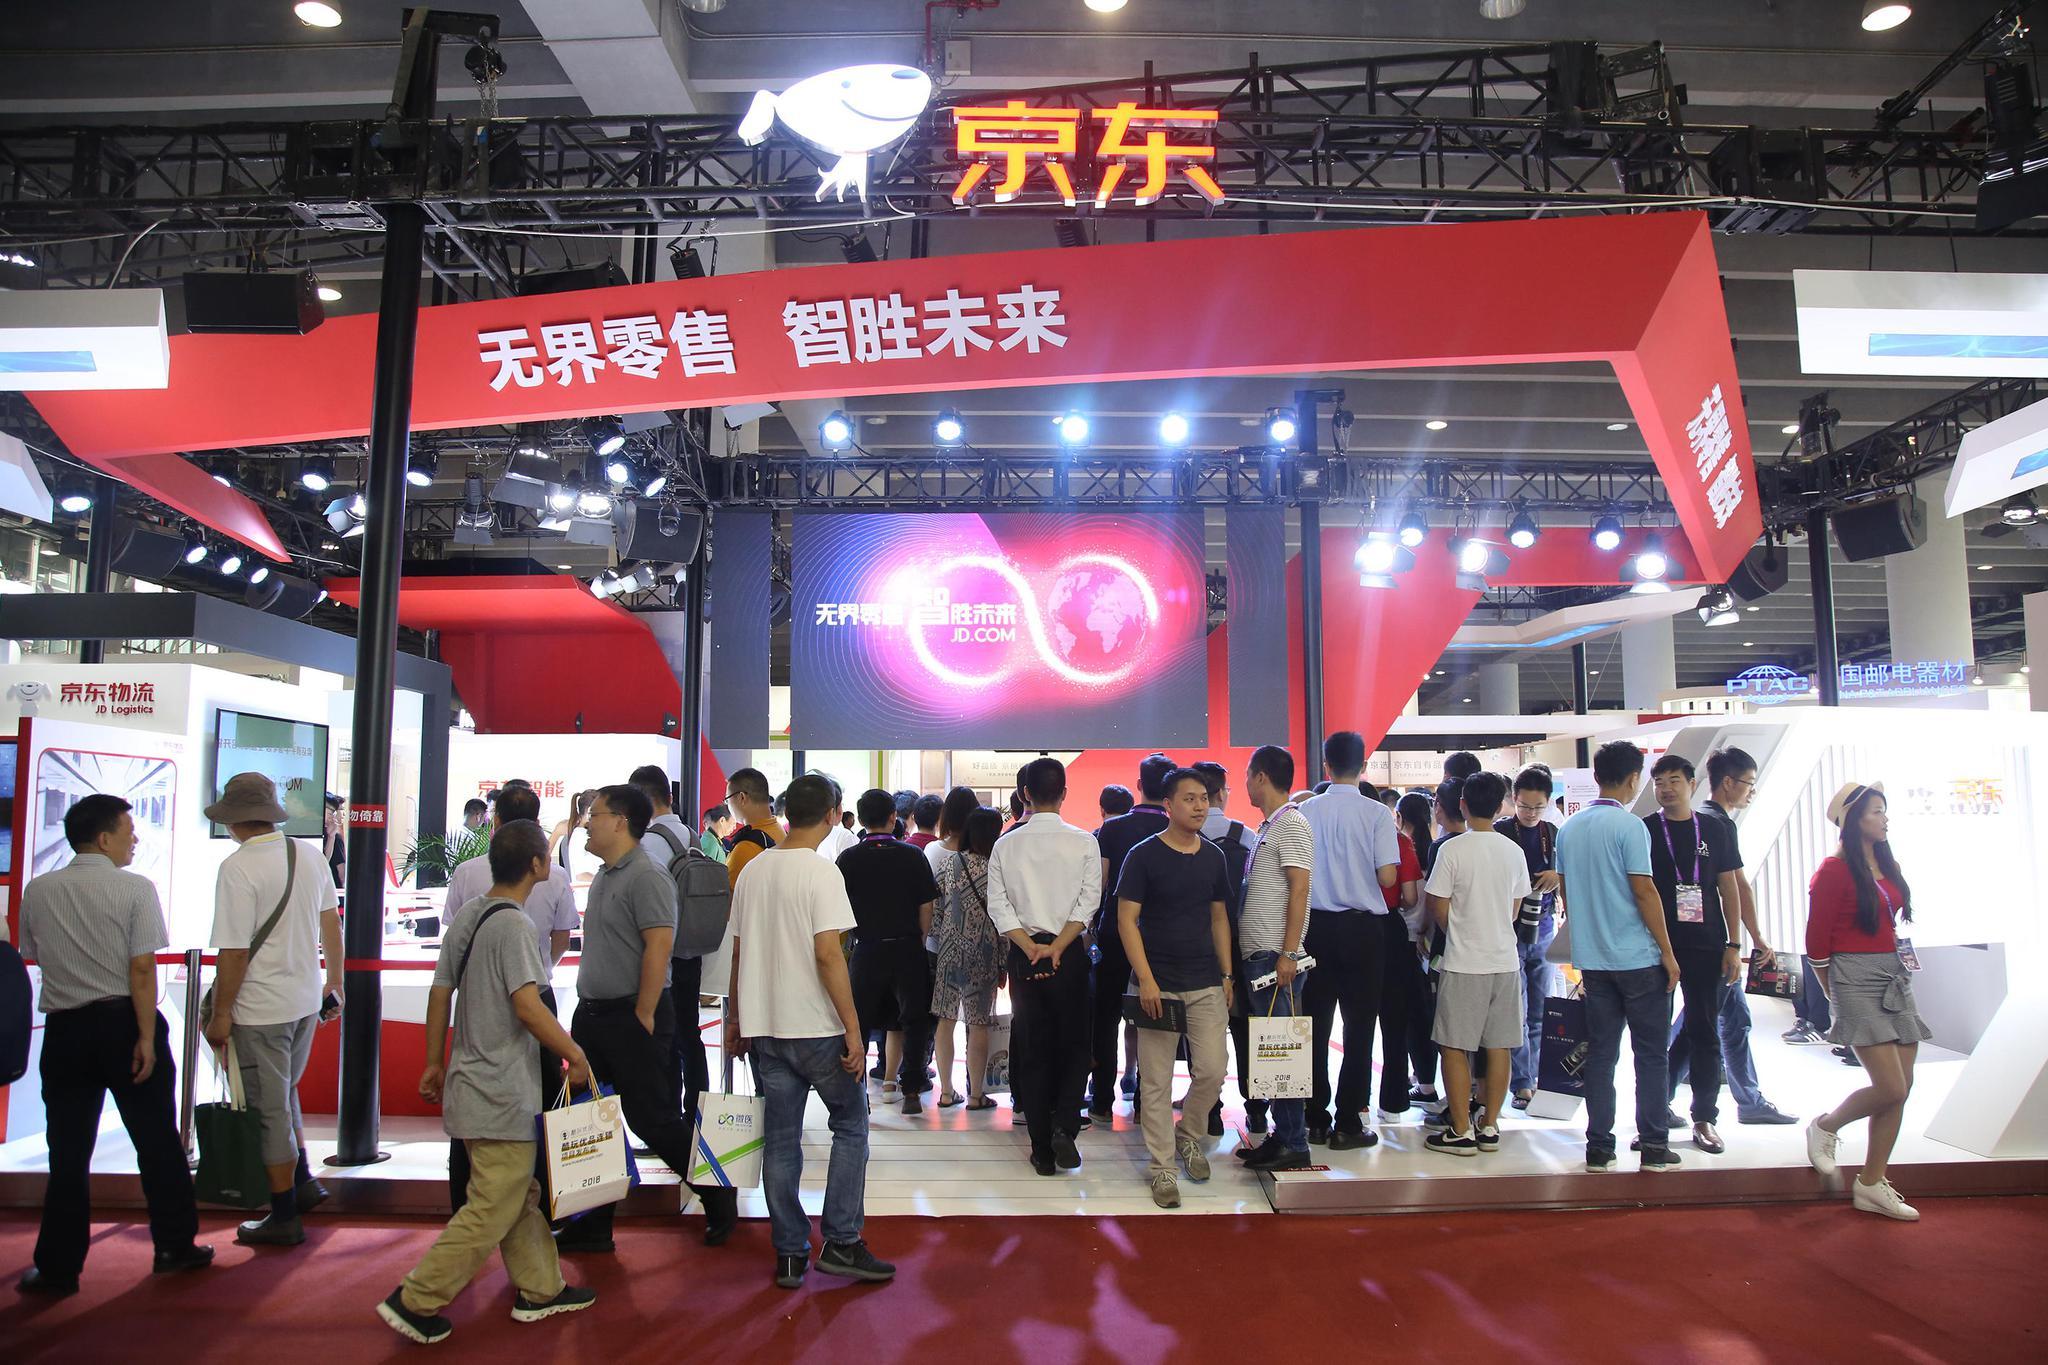 2018天翼智能生态博览会开幕 京东之家零售黑科技引爆全场